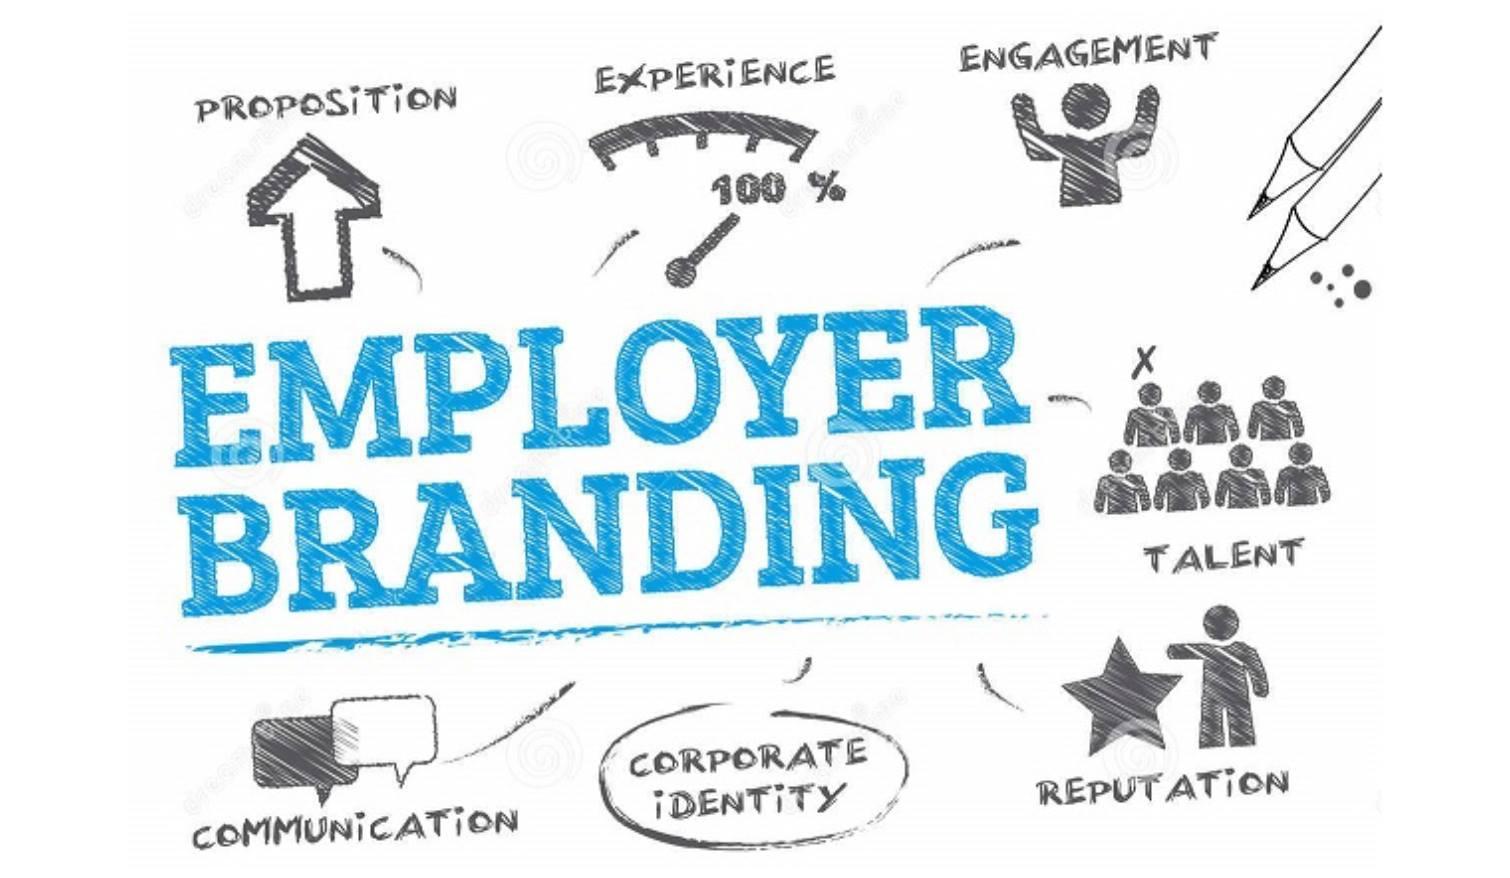 June 10th - Employer Branding/HR Tech Trends - Wine & Horderves